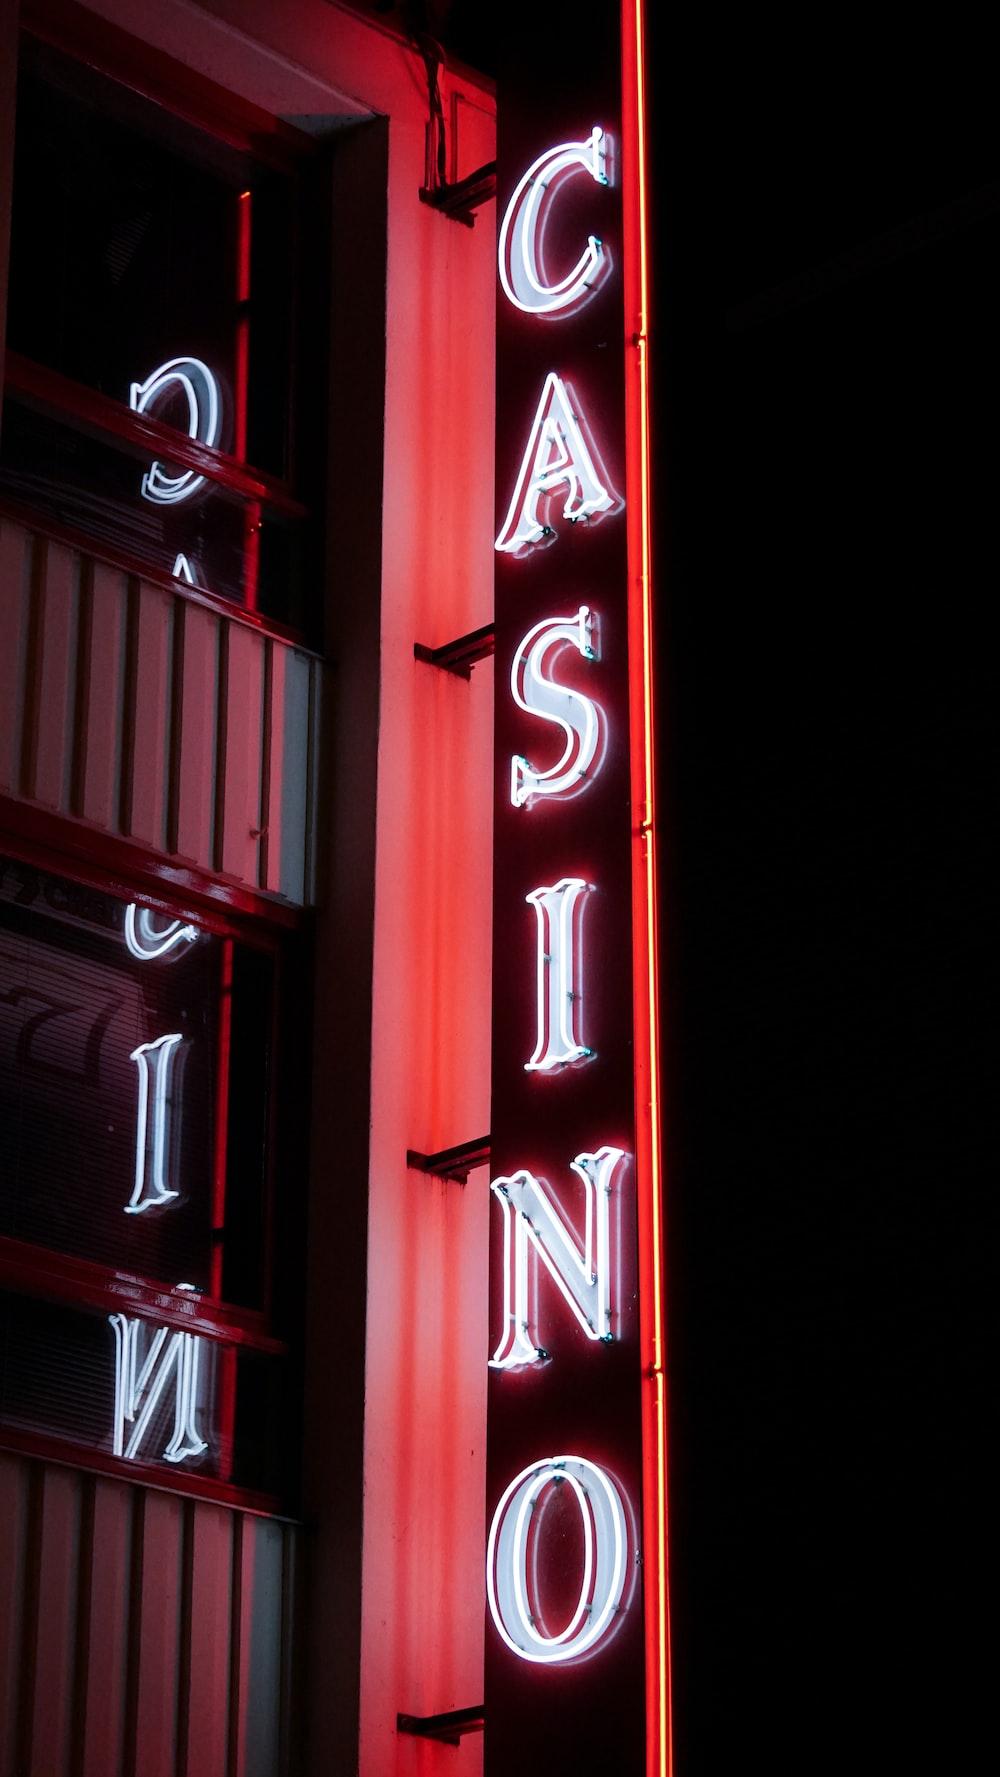 Casino LED signage